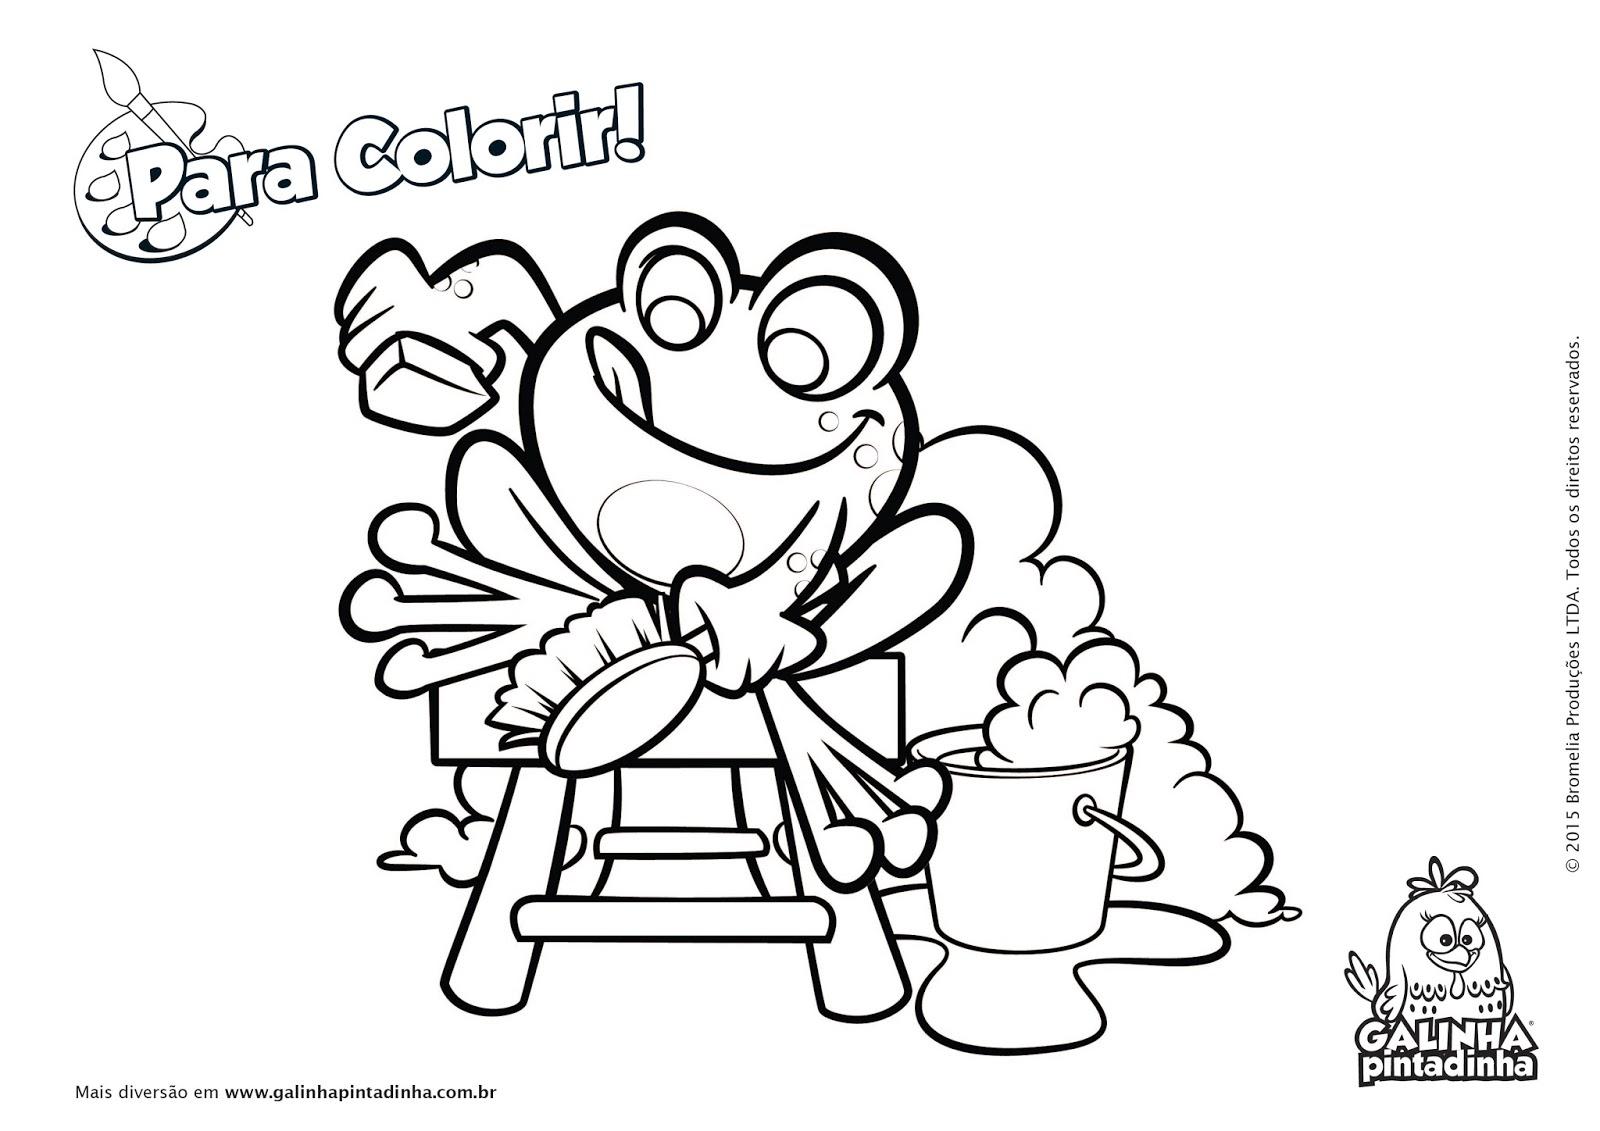 Muitos desenhos da galinha pintadinha para colorir pintar for Imprimir fotos baratas